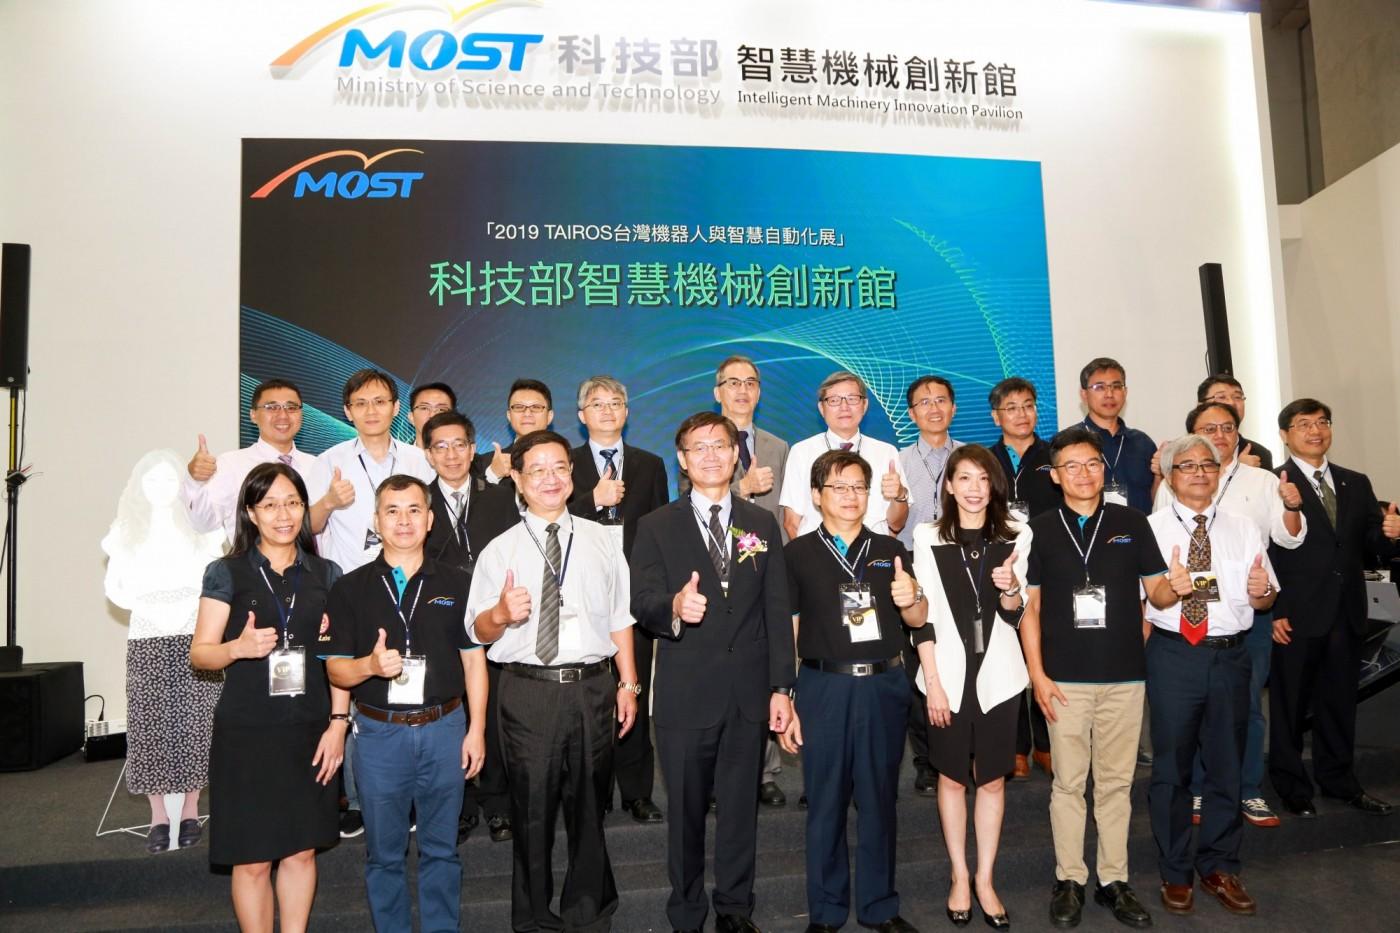 科技部6大智慧機械創新計畫 開啟台灣感測器自主研發之路